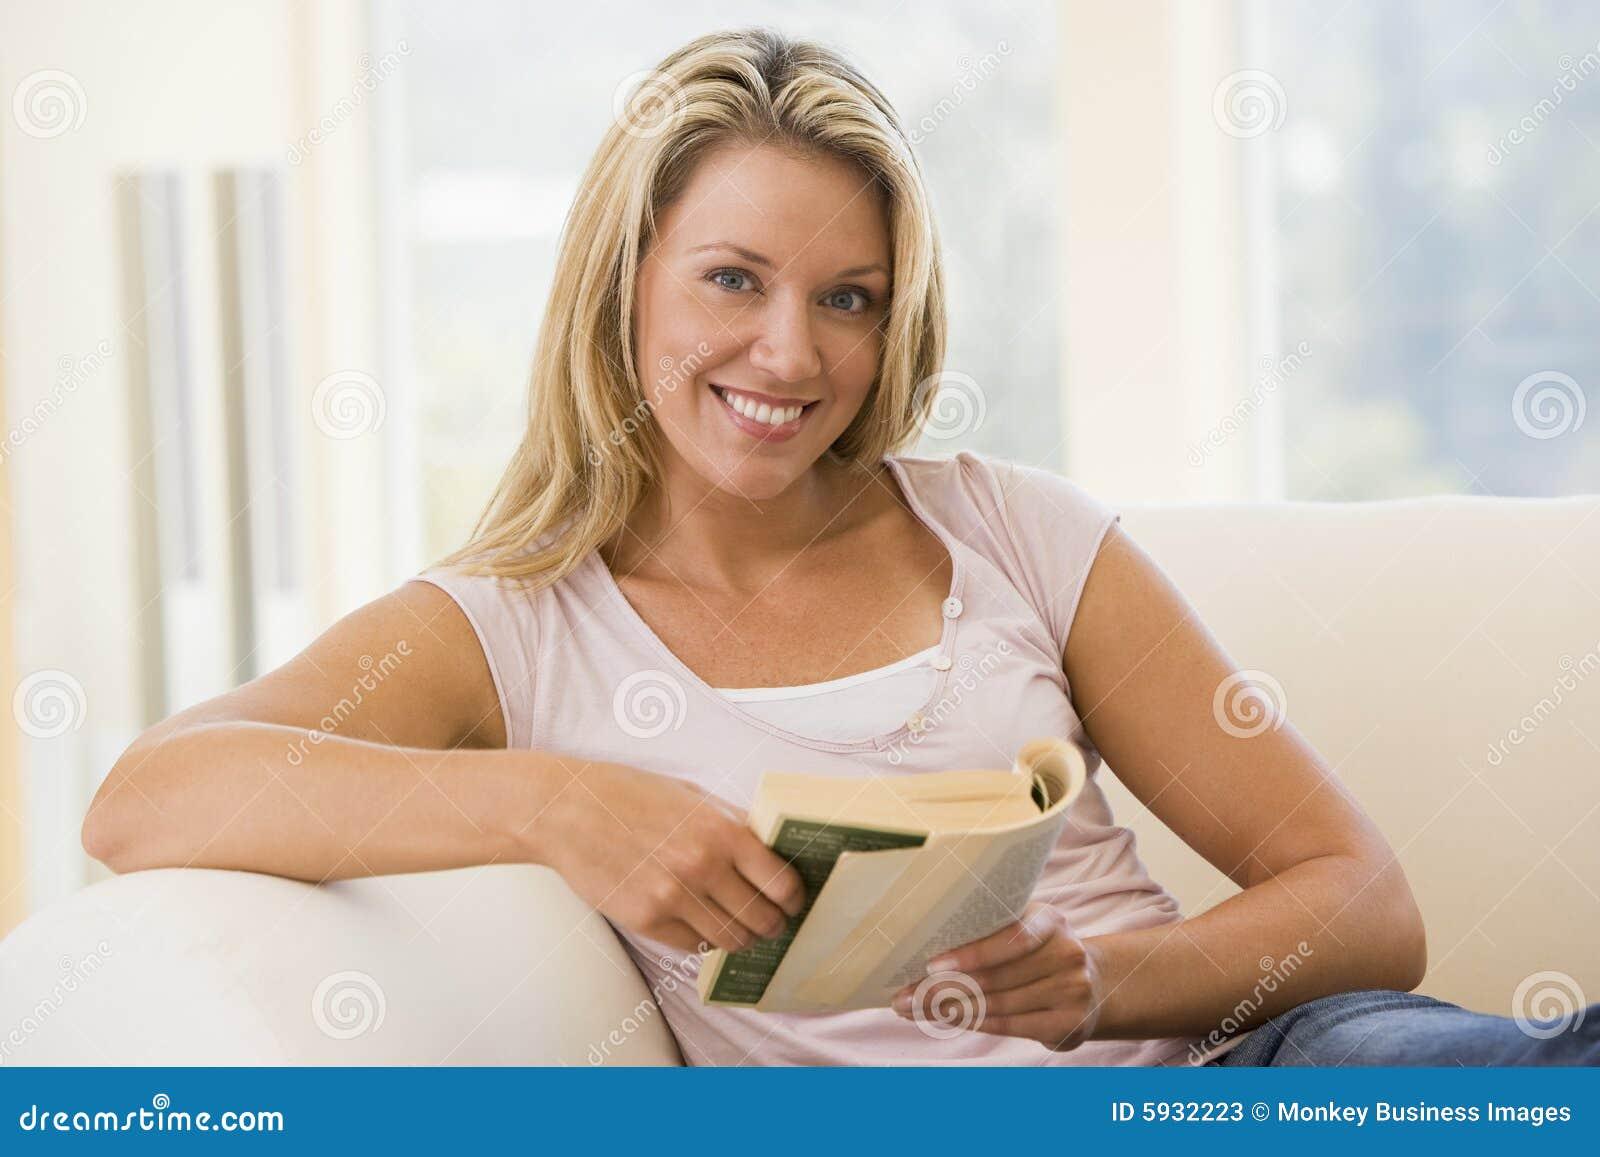 Czytanie książki żyje pokój kobieta uśmiechnięta